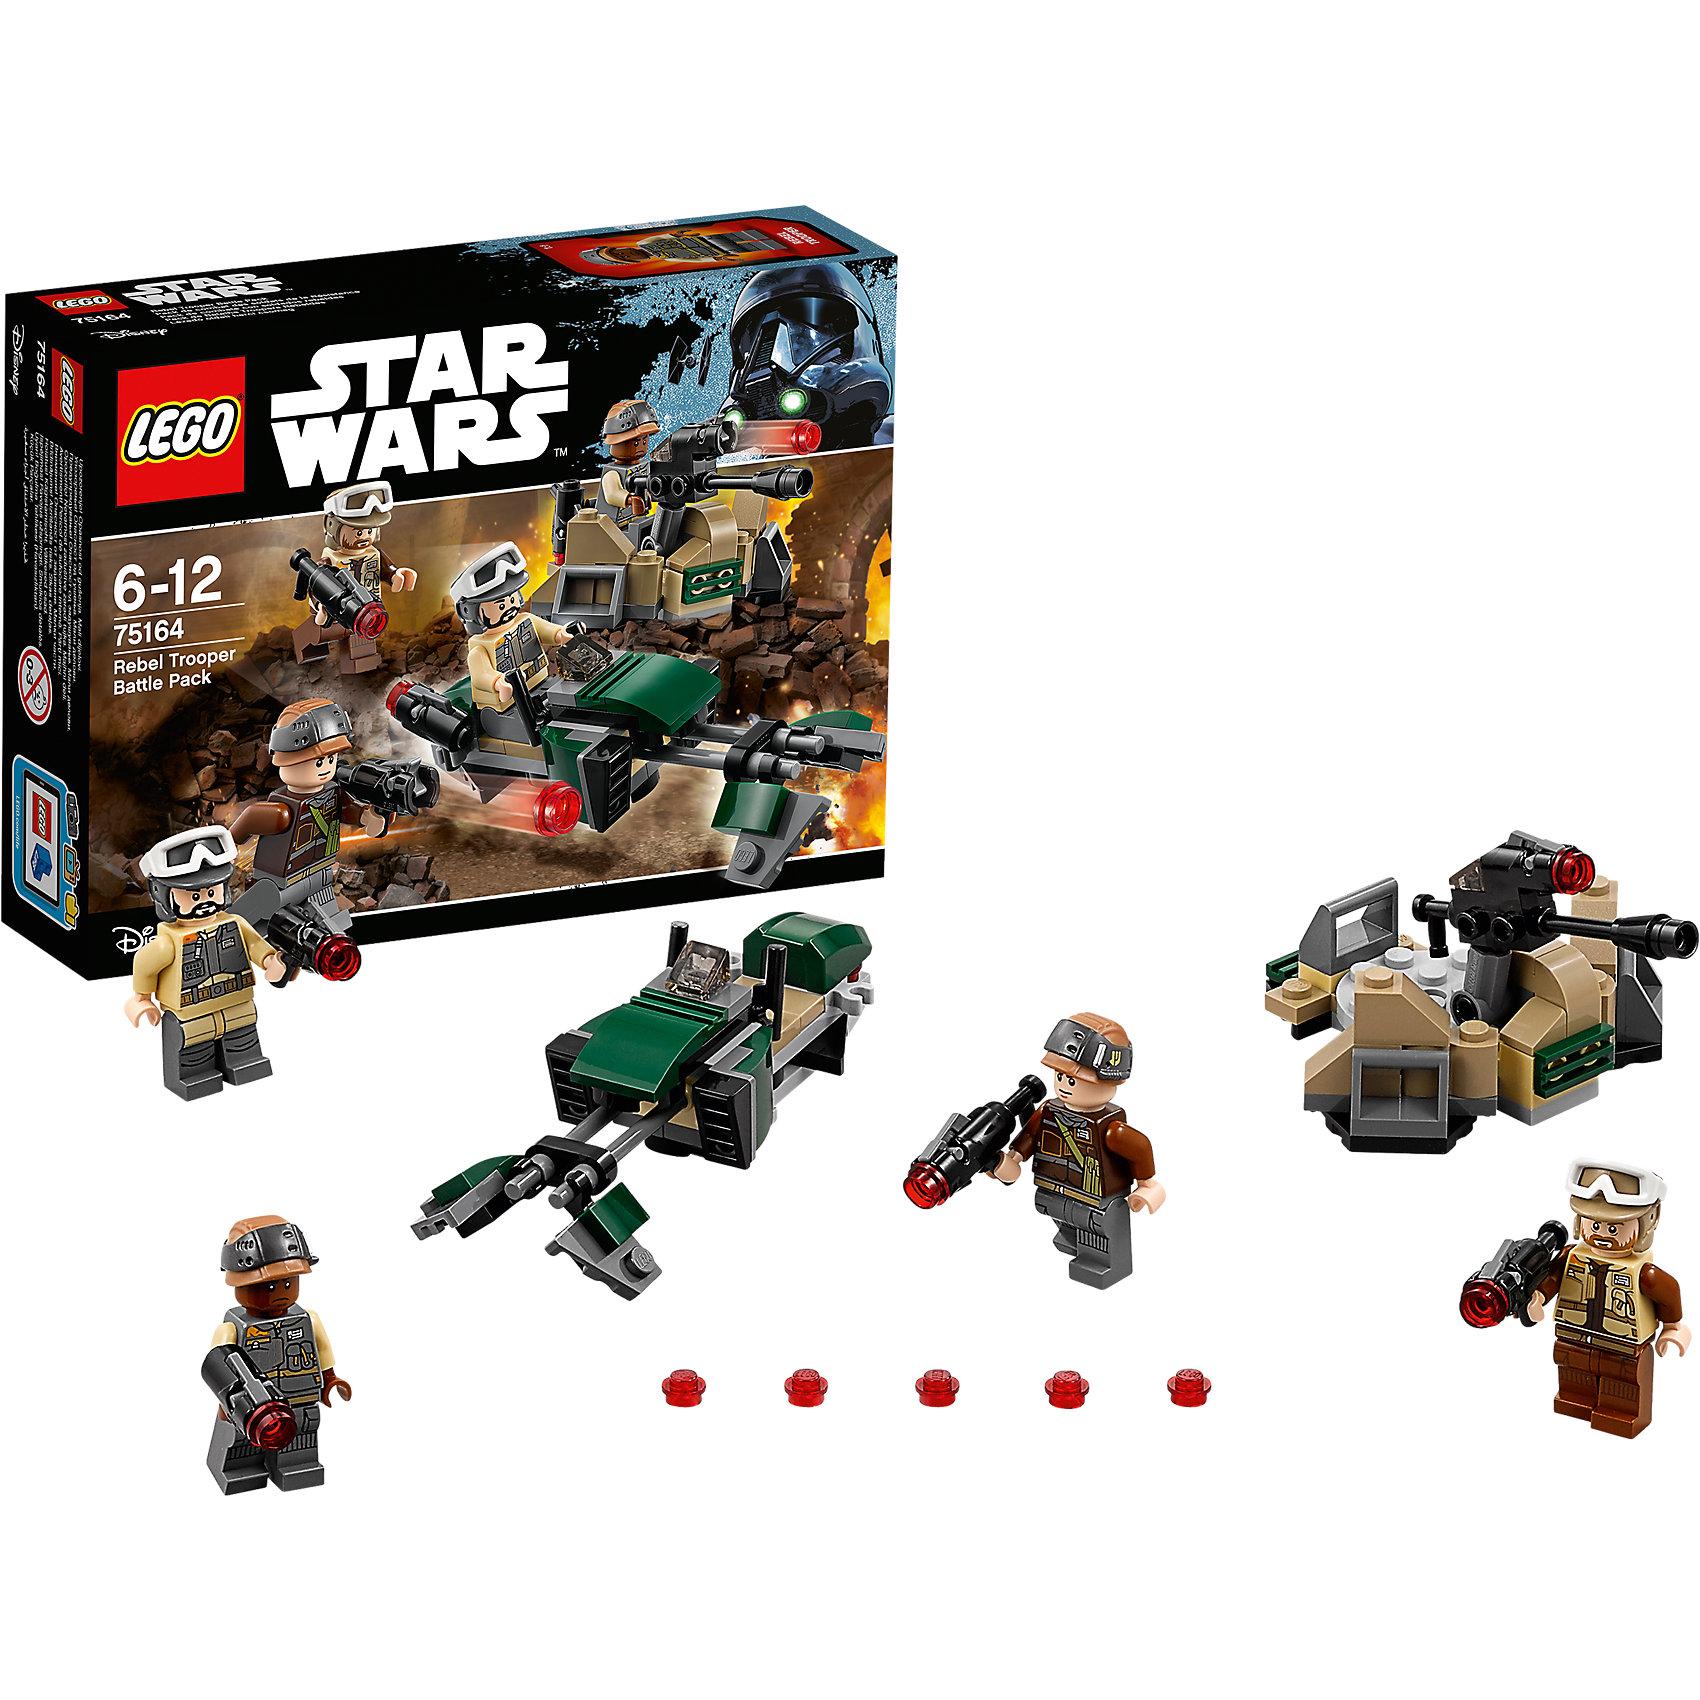 """LEGO Star Wars 75164: Боевой набор ПовстанцевПластмассовые конструкторы<br>LEGO Star Wars 75164: Боевой набор Повстанцев<br><br>Характеристики:<br><br>- в набор входит: детали линии обороны, спидер, 4 фигурки, аксессуары, инструкция<br>- состав: пластик<br>- количество деталей: 120<br>- примерное время сборки: 15 минут<br>- размер линии обороны: 9 * 5 * 7 см.<br>- размер спидера: 11 * 3 * 4 см.<br>- для детей в возрасте: от 6 до 12 лет<br>- Страна производитель: Дания/Китай/Чехия/<br><br>Легендарный конструктор LEGO (ЛЕГО) представляет серию «Звездные Войны» с героями одноименных фильмов. В этом наборе повстанцы заняты обороной города по мотивам фильма """"Изгой-один. Звёздные войны: Истории"""". Четыре фигурки повстанцев из набора облачены в униформу, но у каждого свой уникальный рисунок. У двоих повстанцев очки могут сниматься со шлема и надвигаться на глаза. К каждой фигурке прилагаются мощные бластеры, из которых можно стрелять красными детальками. Линия обороны состоит из множества маленьких деталек и выглядит вполне реалистично. Лазерная пушка может двигаться вверх-вниз и влево-вправо, специальный механизм позволяет стрелять детальками из этой пушки, в наборе есть запасные детали. Также в набор входит небольшой спидер повстанцев, который имеет специальные отделения для двух бластеров в кабине. Присоединись к команде повстанцев и совершенствуй свою силу. <br><br>Конструктор LEGO Star Wars 75164: Боевой набор Повстанцев можно купить в нашем интернет-магазине.<br><br>Ширина мм: 193<br>Глубина мм: 142<br>Высота мм: 50<br>Вес г: 120<br>Возраст от месяцев: 72<br>Возраст до месяцев: 144<br>Пол: Мужской<br>Возраст: Детский<br>SKU: 5002384"""